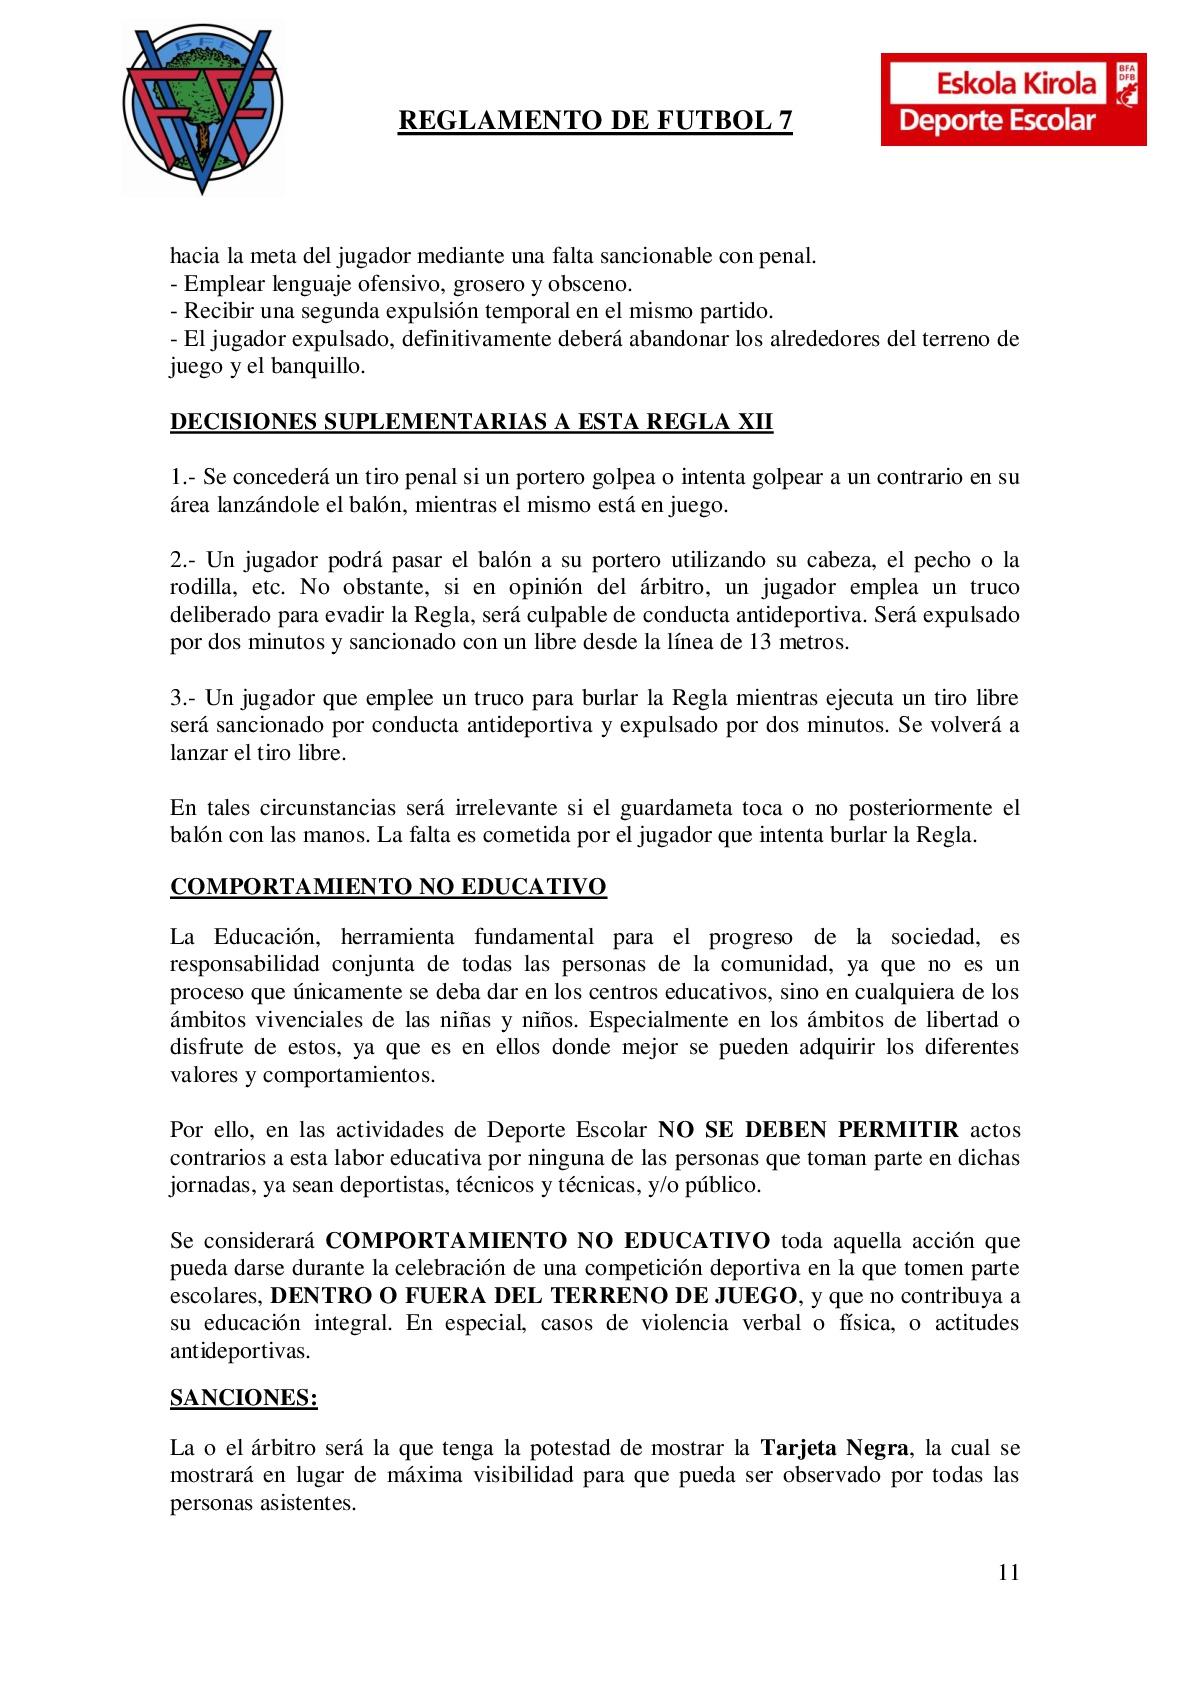 Reglamento-F7-011